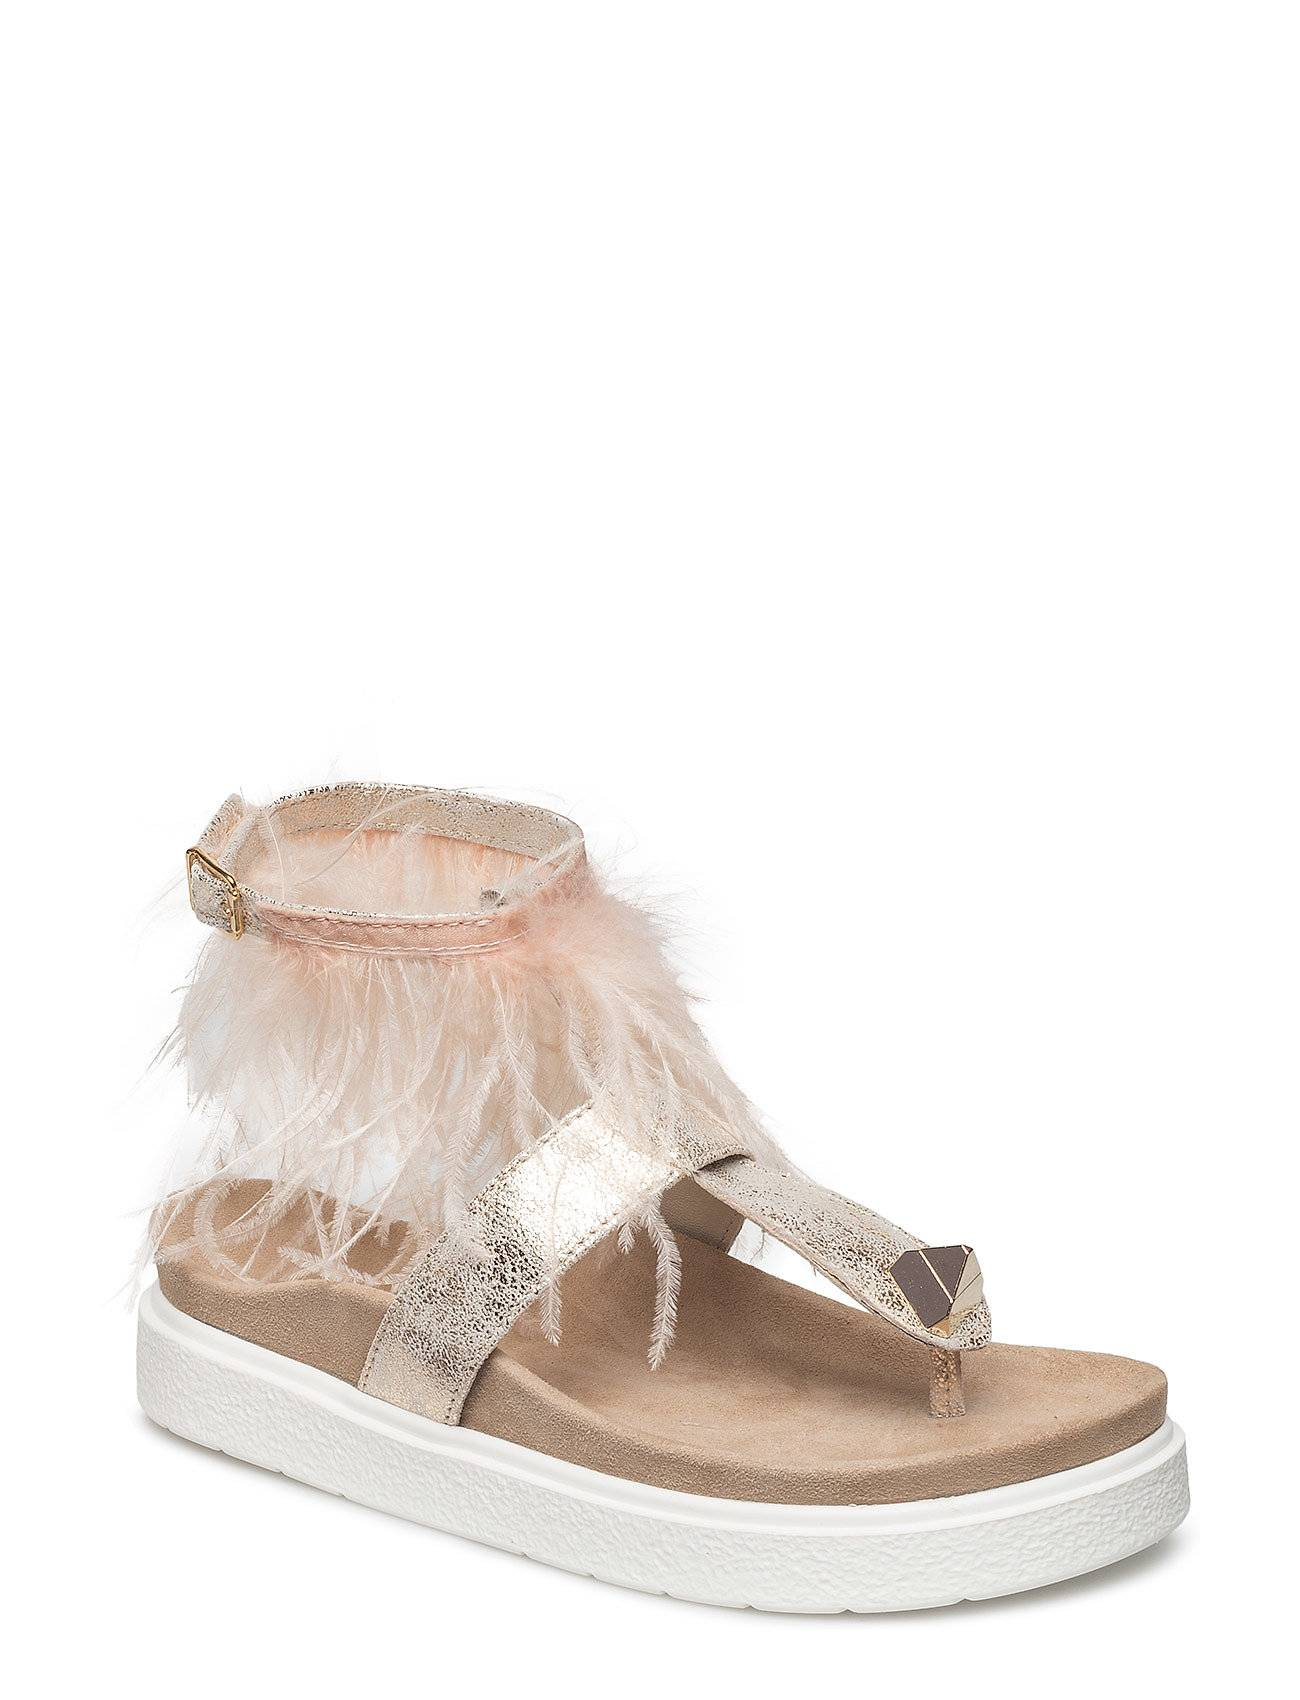 Inuikii Sandal Ankle Feathers